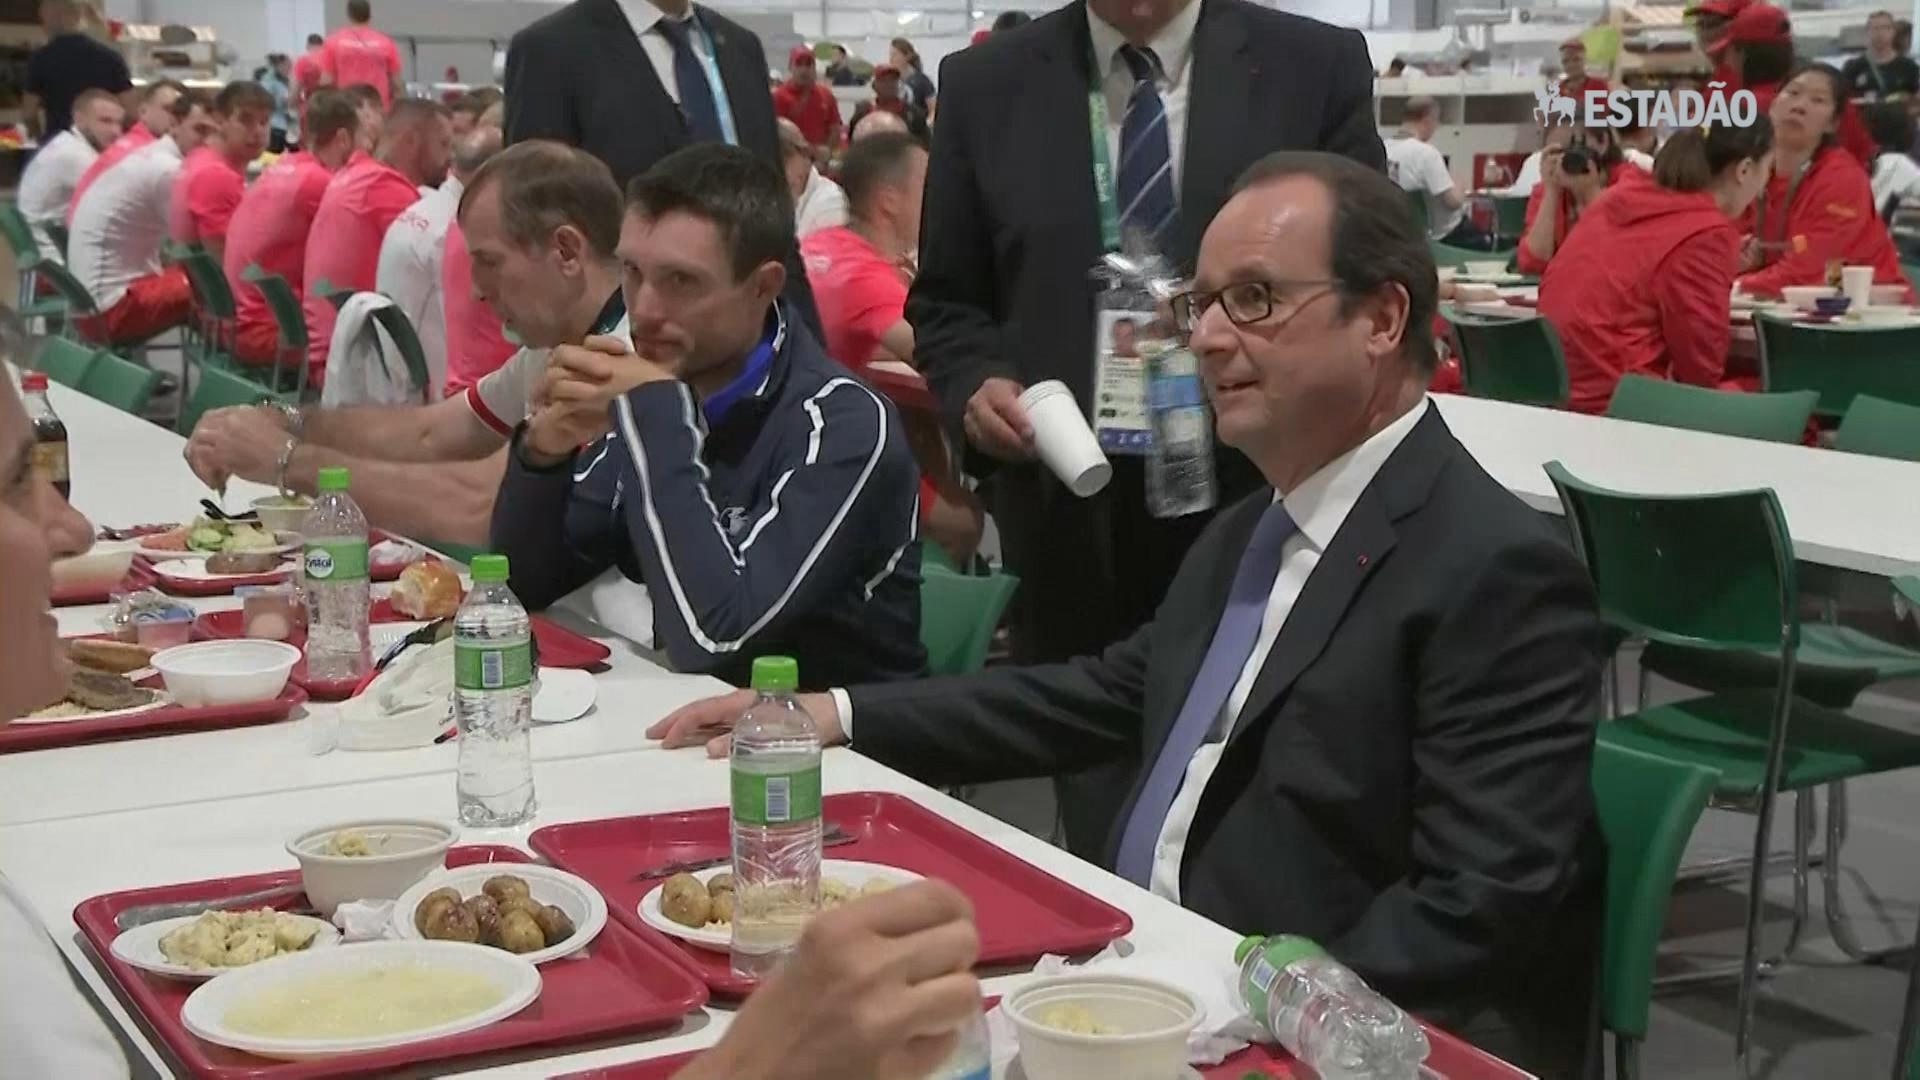 Hollande almoça com atletas na Vila Olímpica